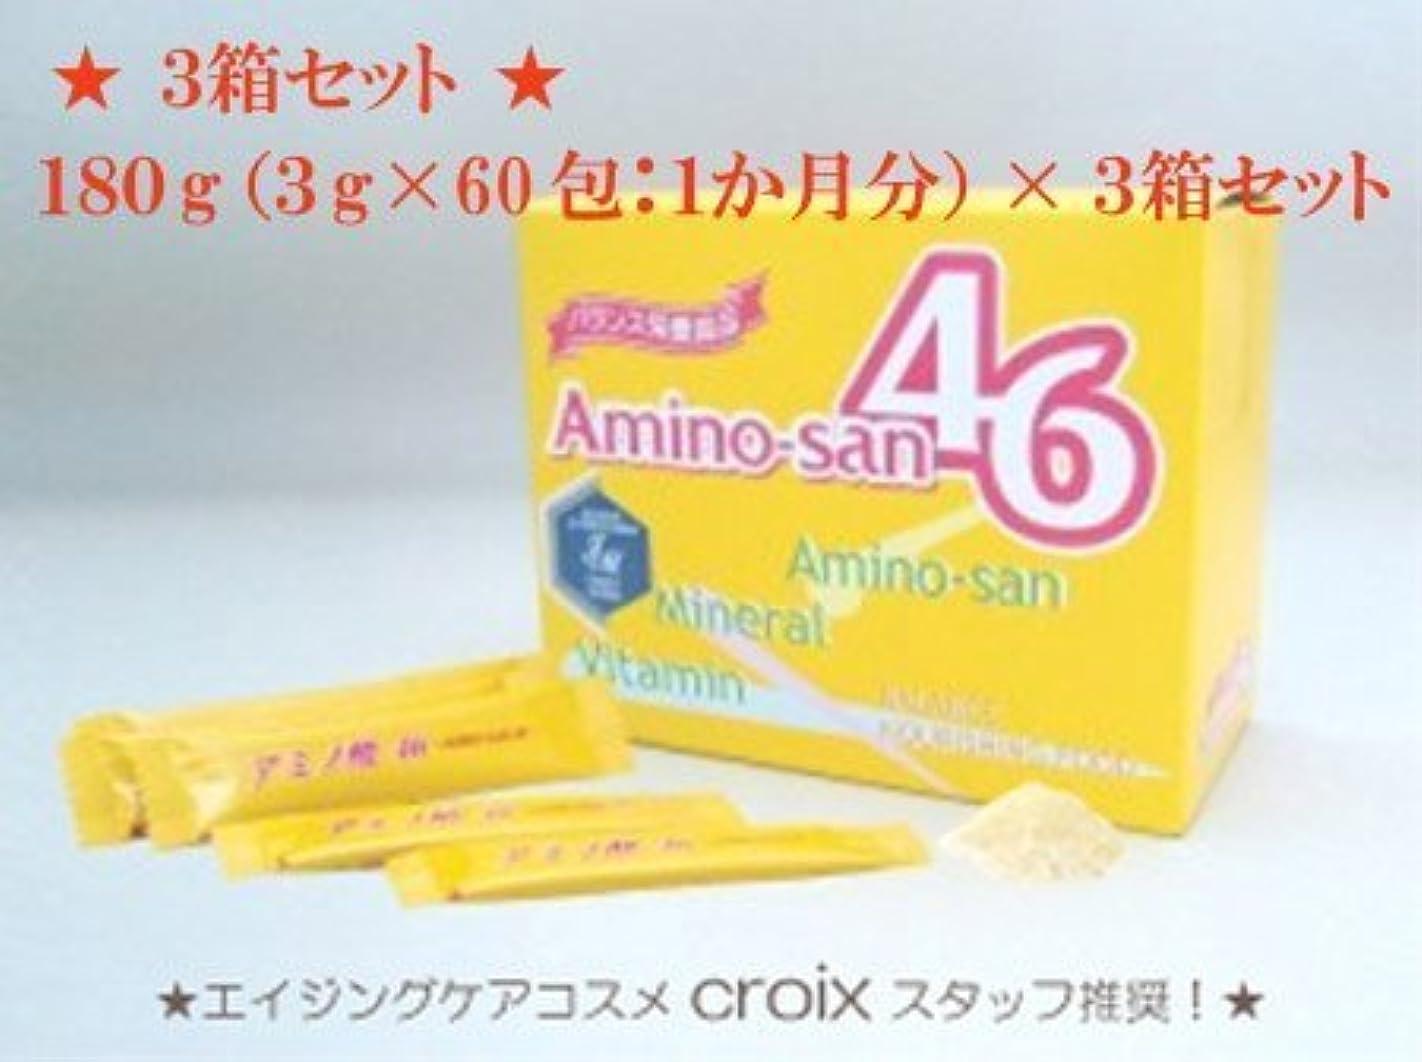 ブラシ効率的にこれまでアミノ酸46 3g×60本(1か月分)×6箱セット ポーレン(蜂蜜花粉)含有サプリメント